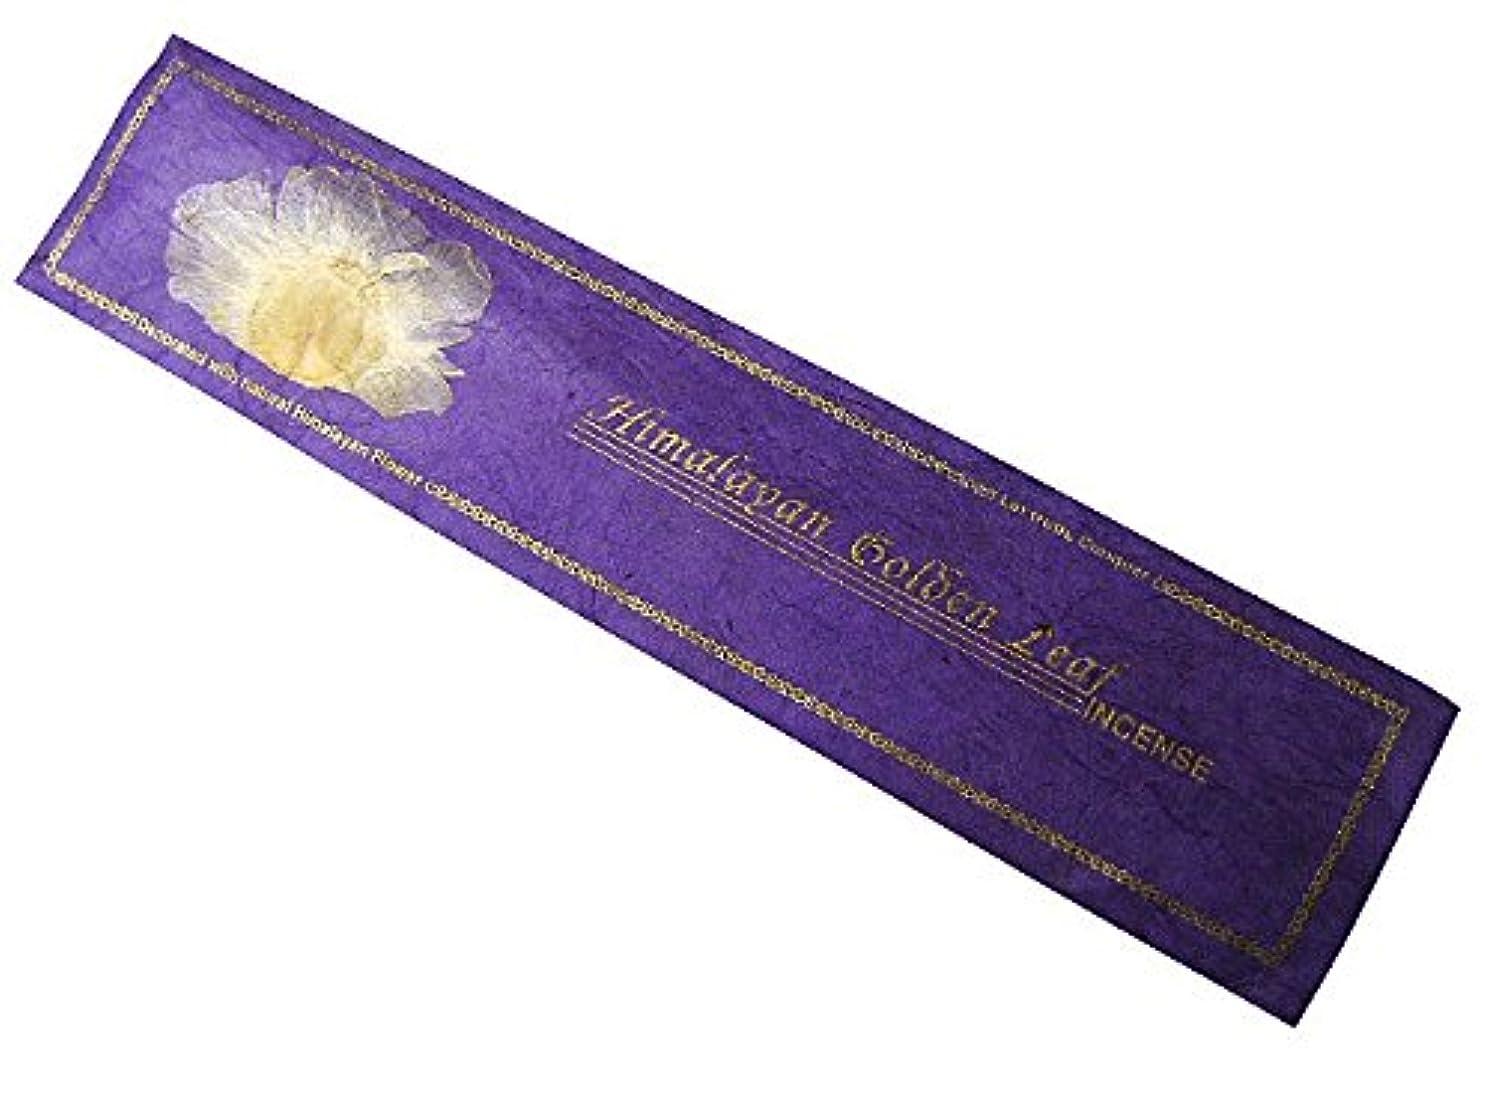 権限操作可能不名誉NEPAL INCENSE ネパールのロクタ紙にヒマラヤの押し花のお香【HimalayanGoldenLeafヒマラヤンゴールデンリーフ】 スティック